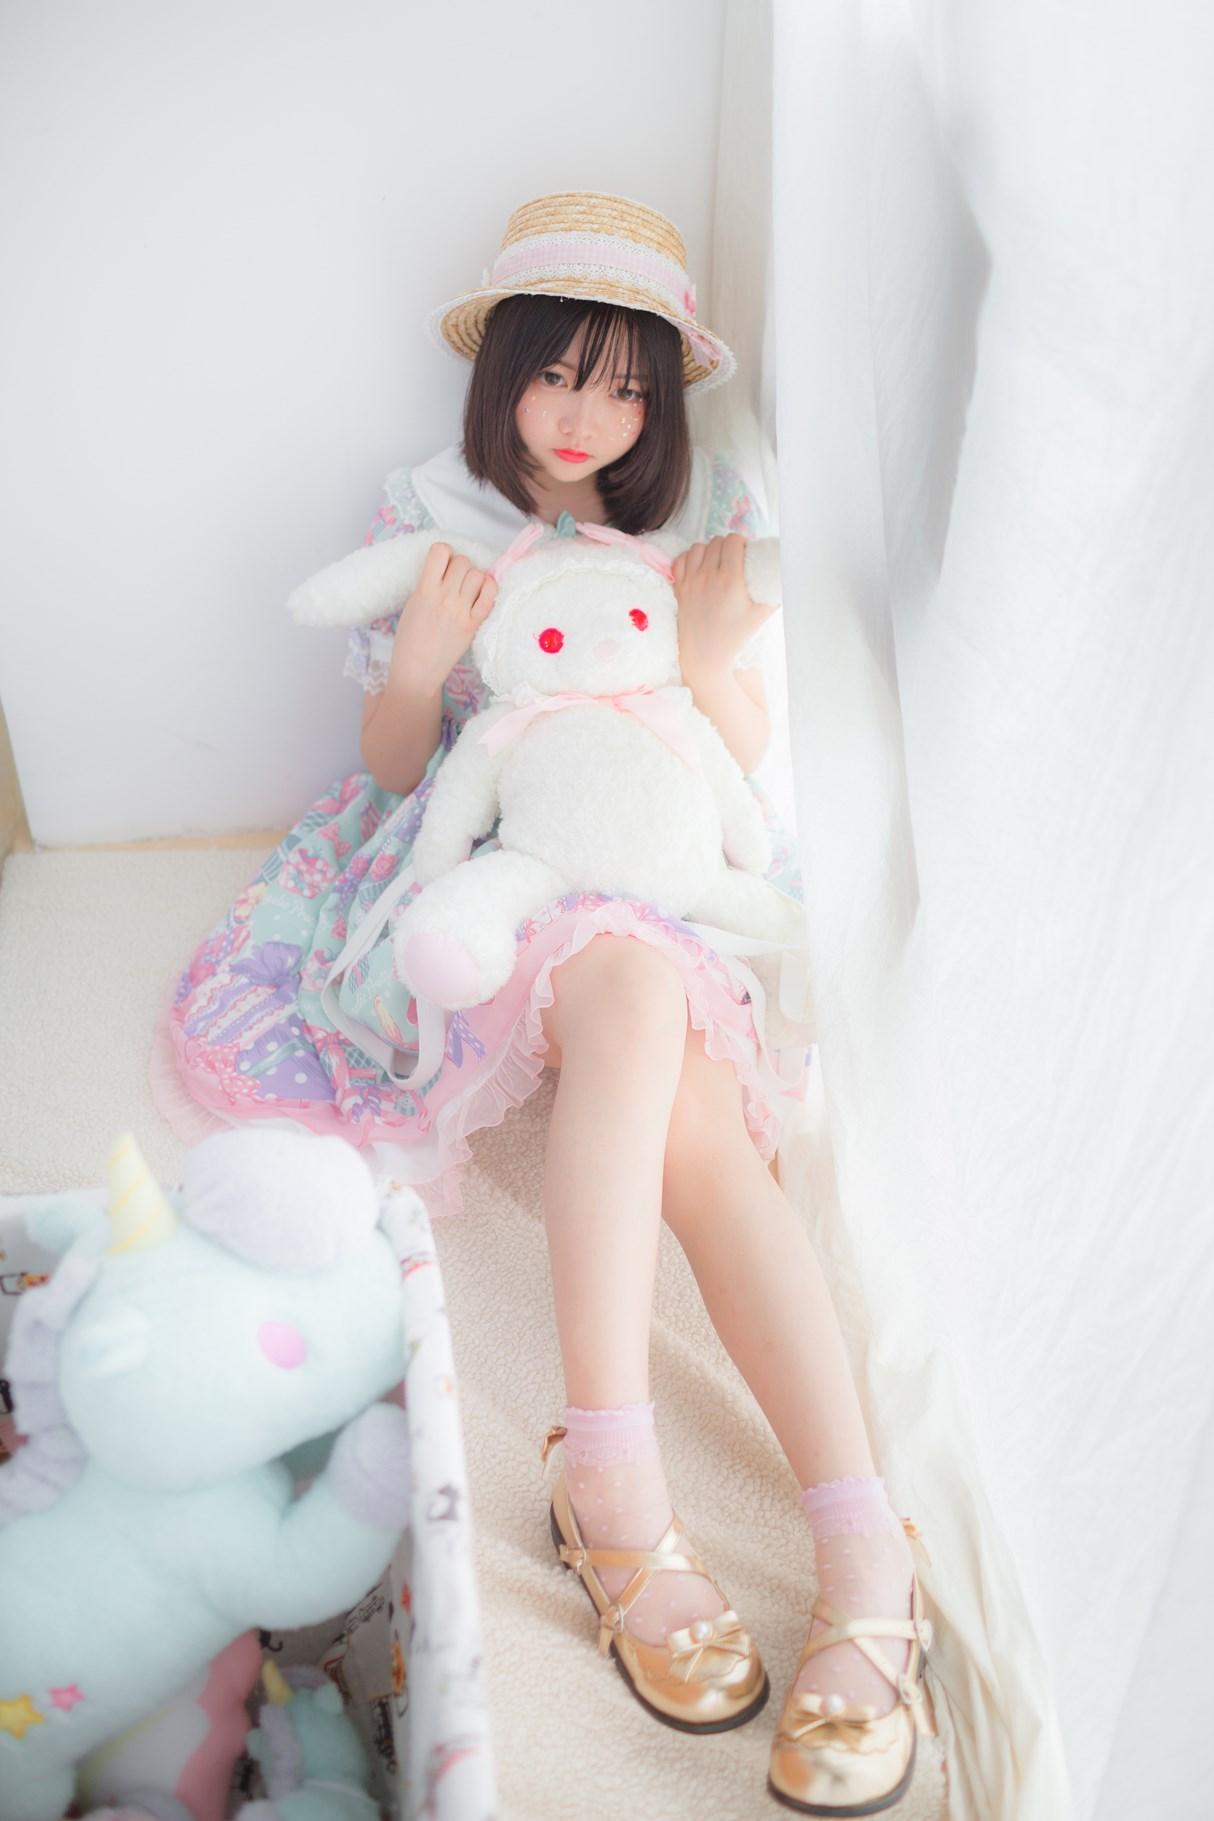 【兔玩映画】软萌小萝莉 兔玩映画 第11张